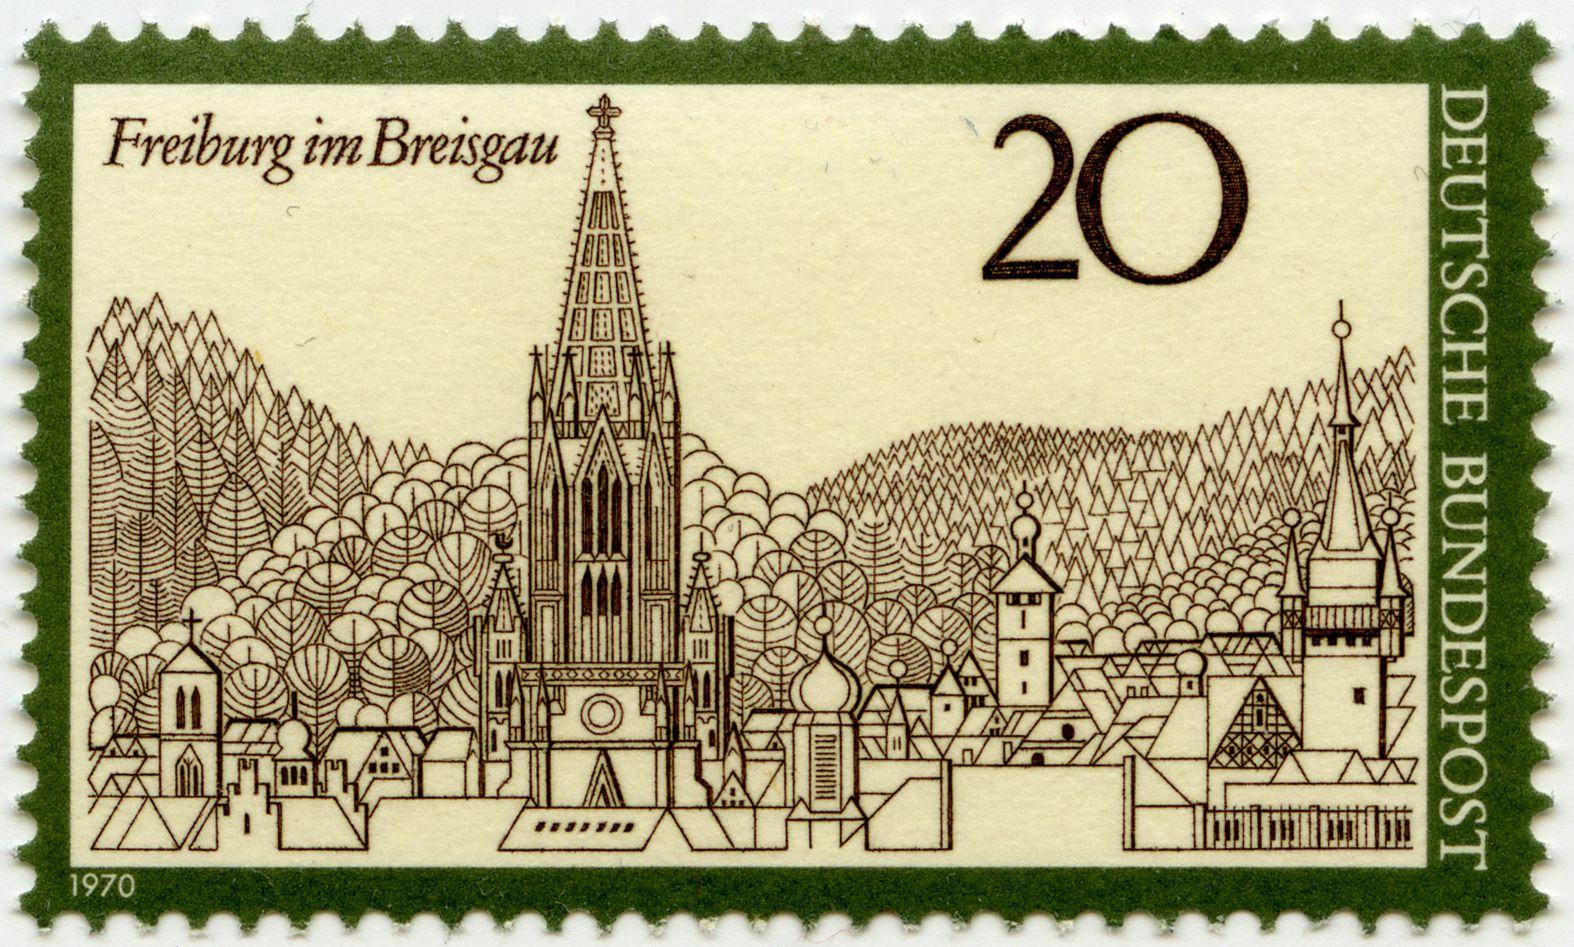 Freiburg im Breisgau Gesamtansicht